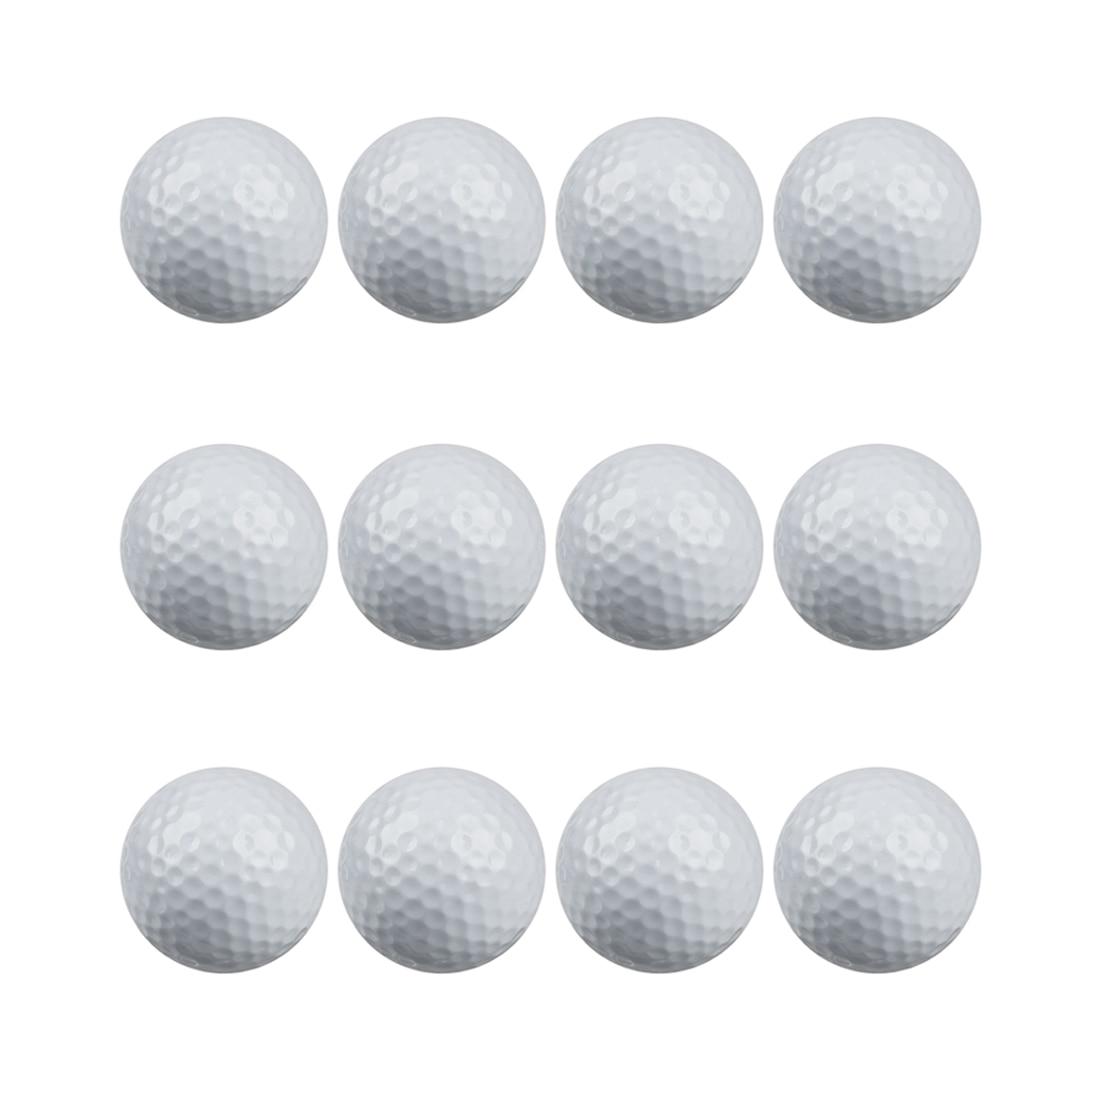 Golfe prática floater bolas pacote de 12 GEFFSQ-01